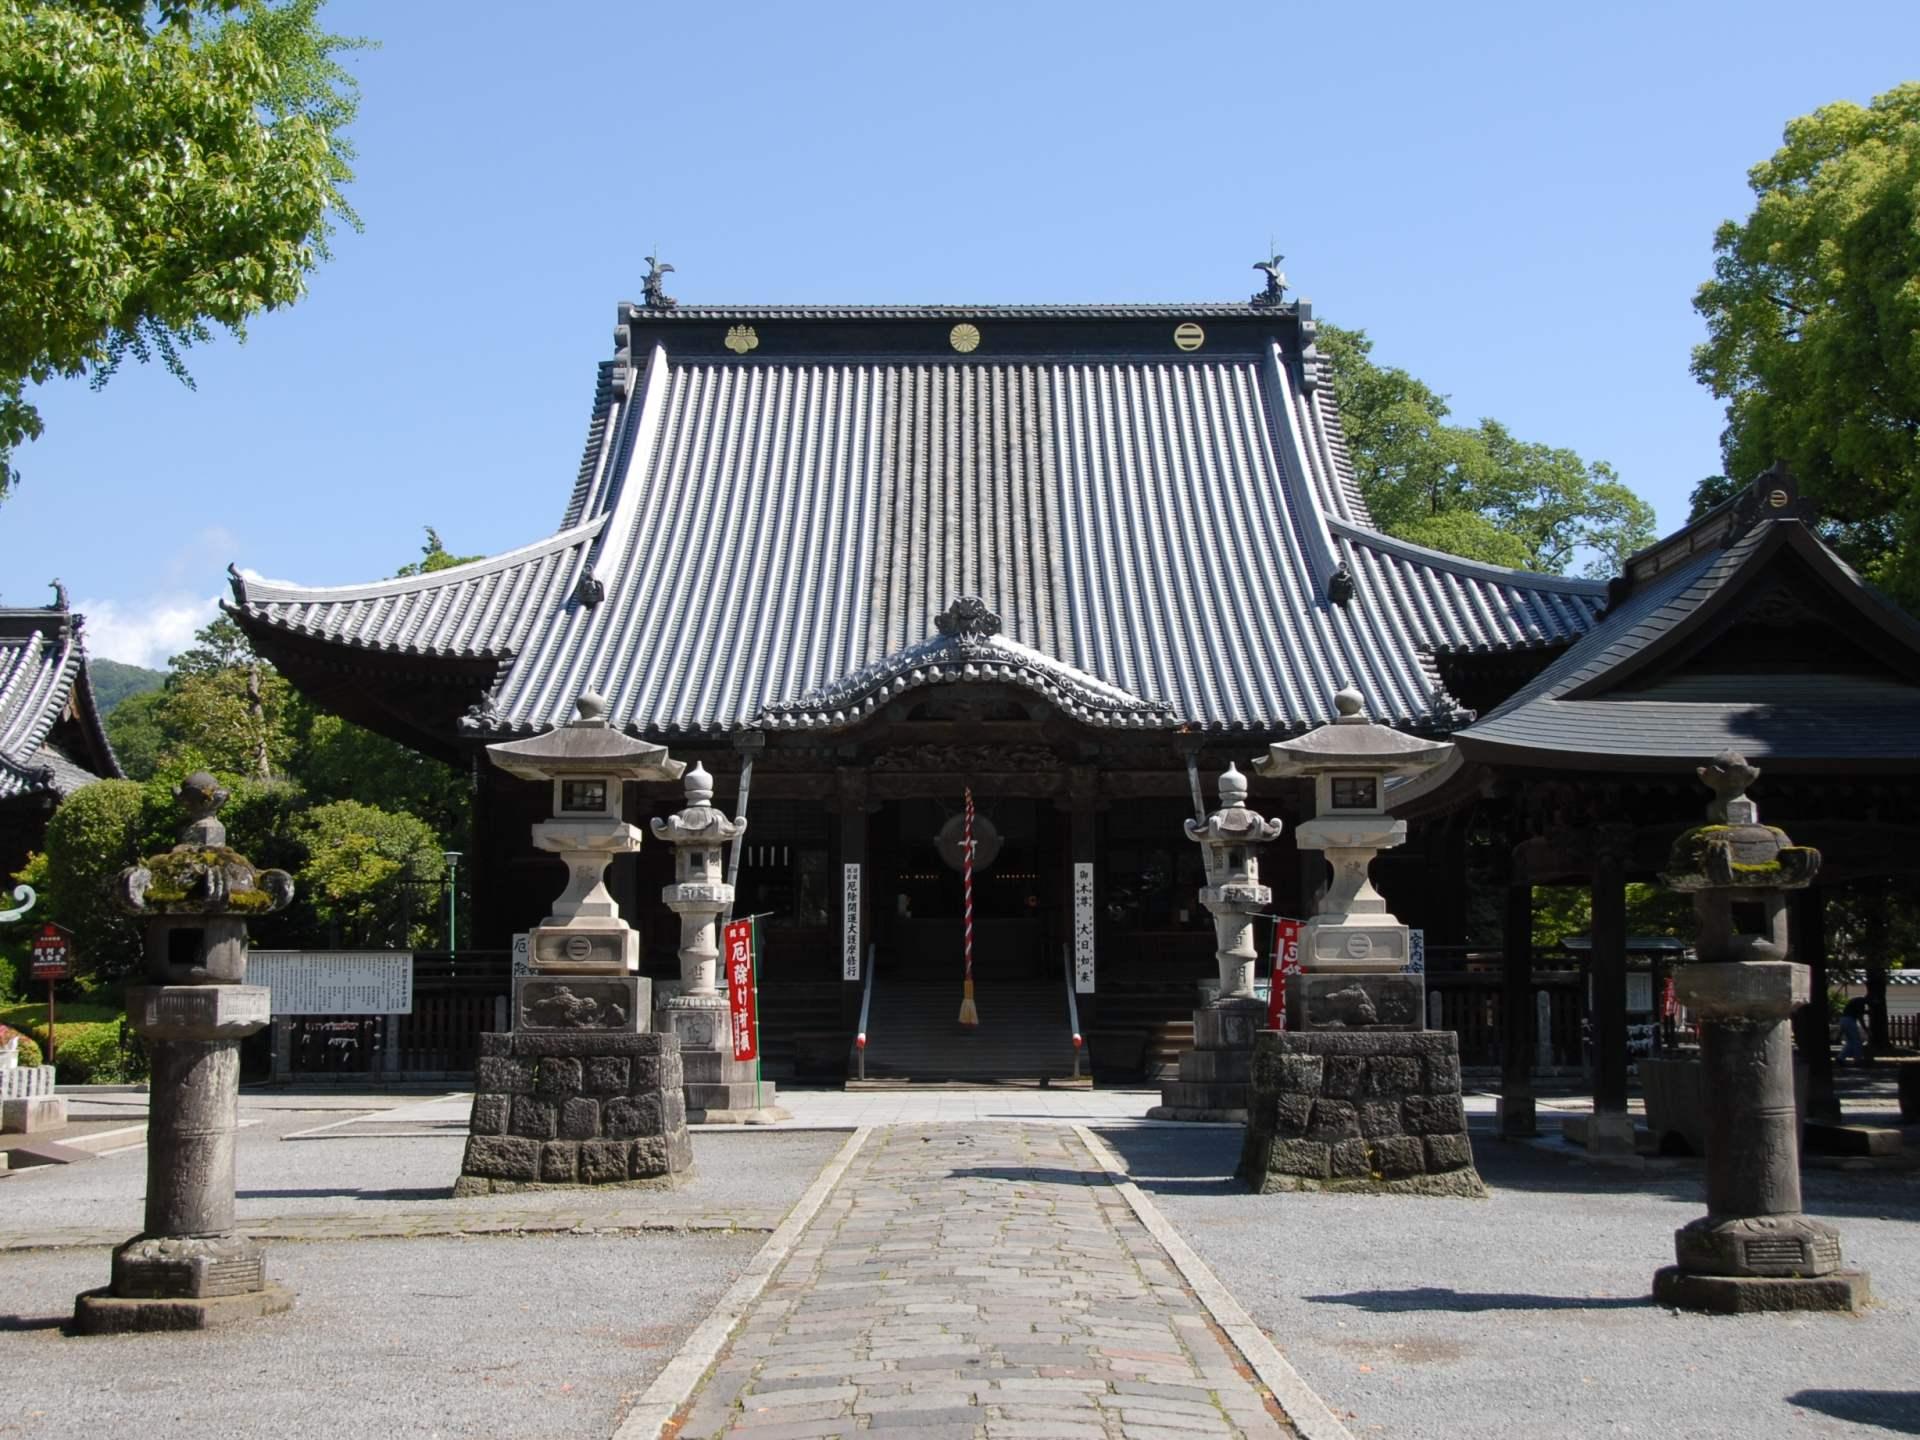 建造于镰仓时代(1185年〜1333年)的本堂于2013年被指定为日本国宝。